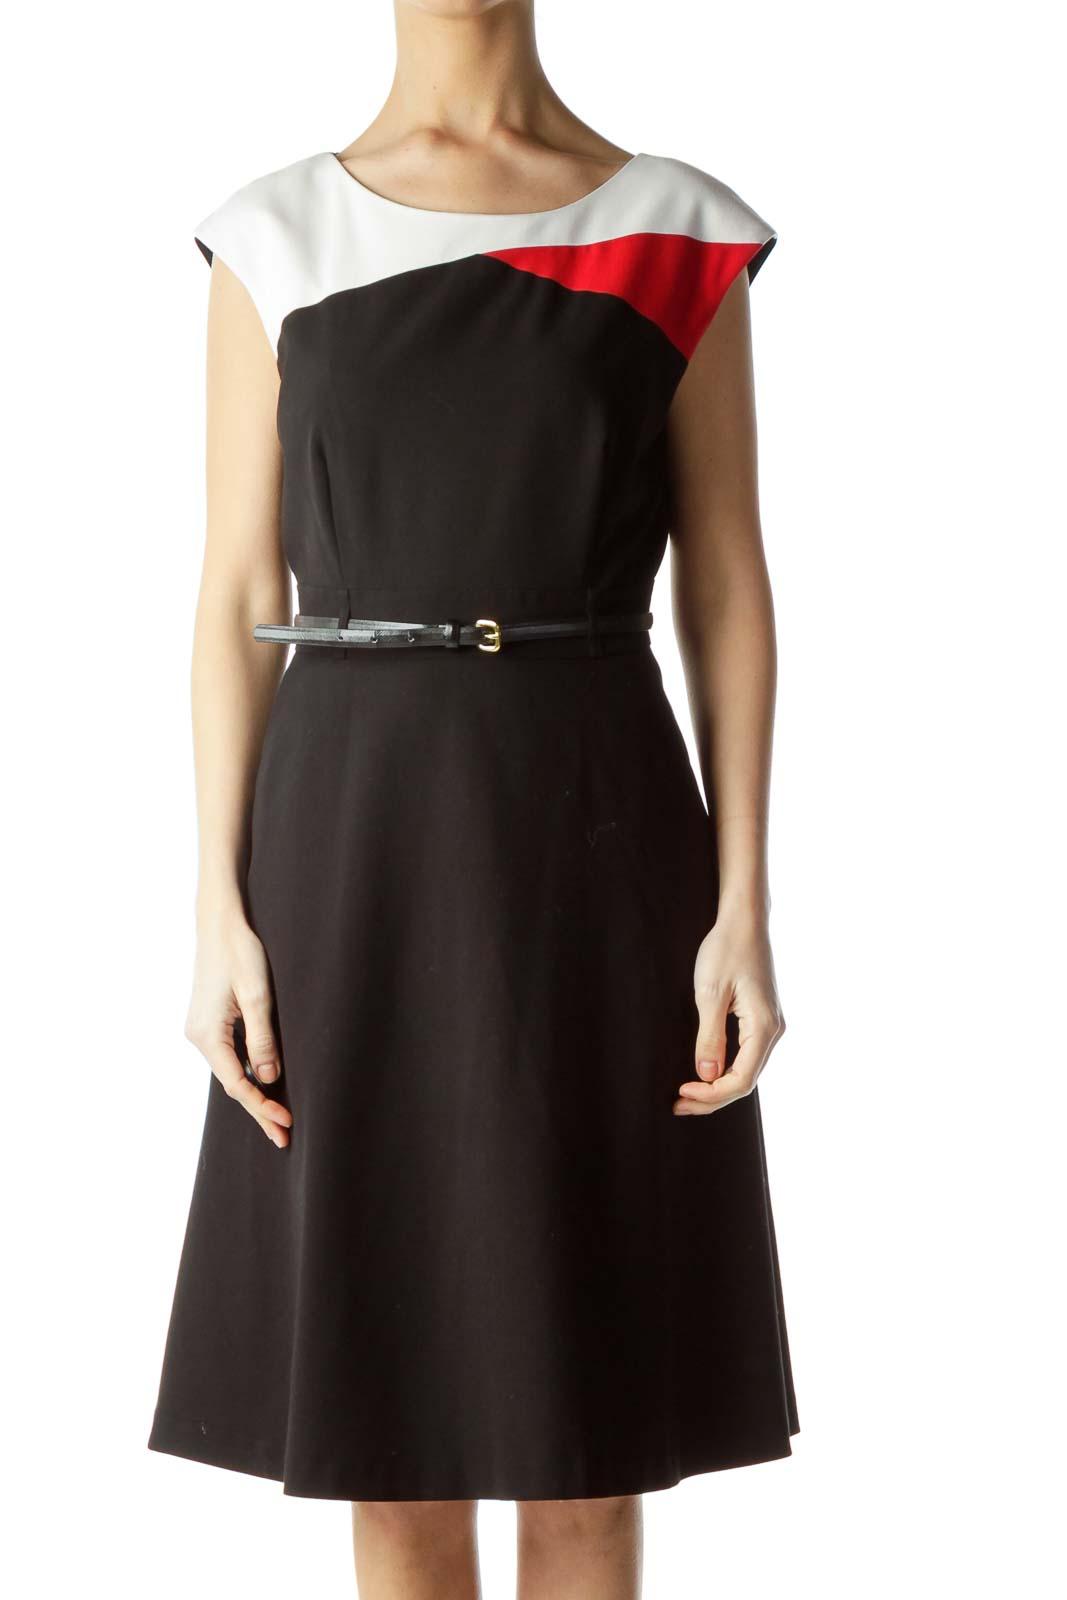 Black Red Color Block Belted Work Dress